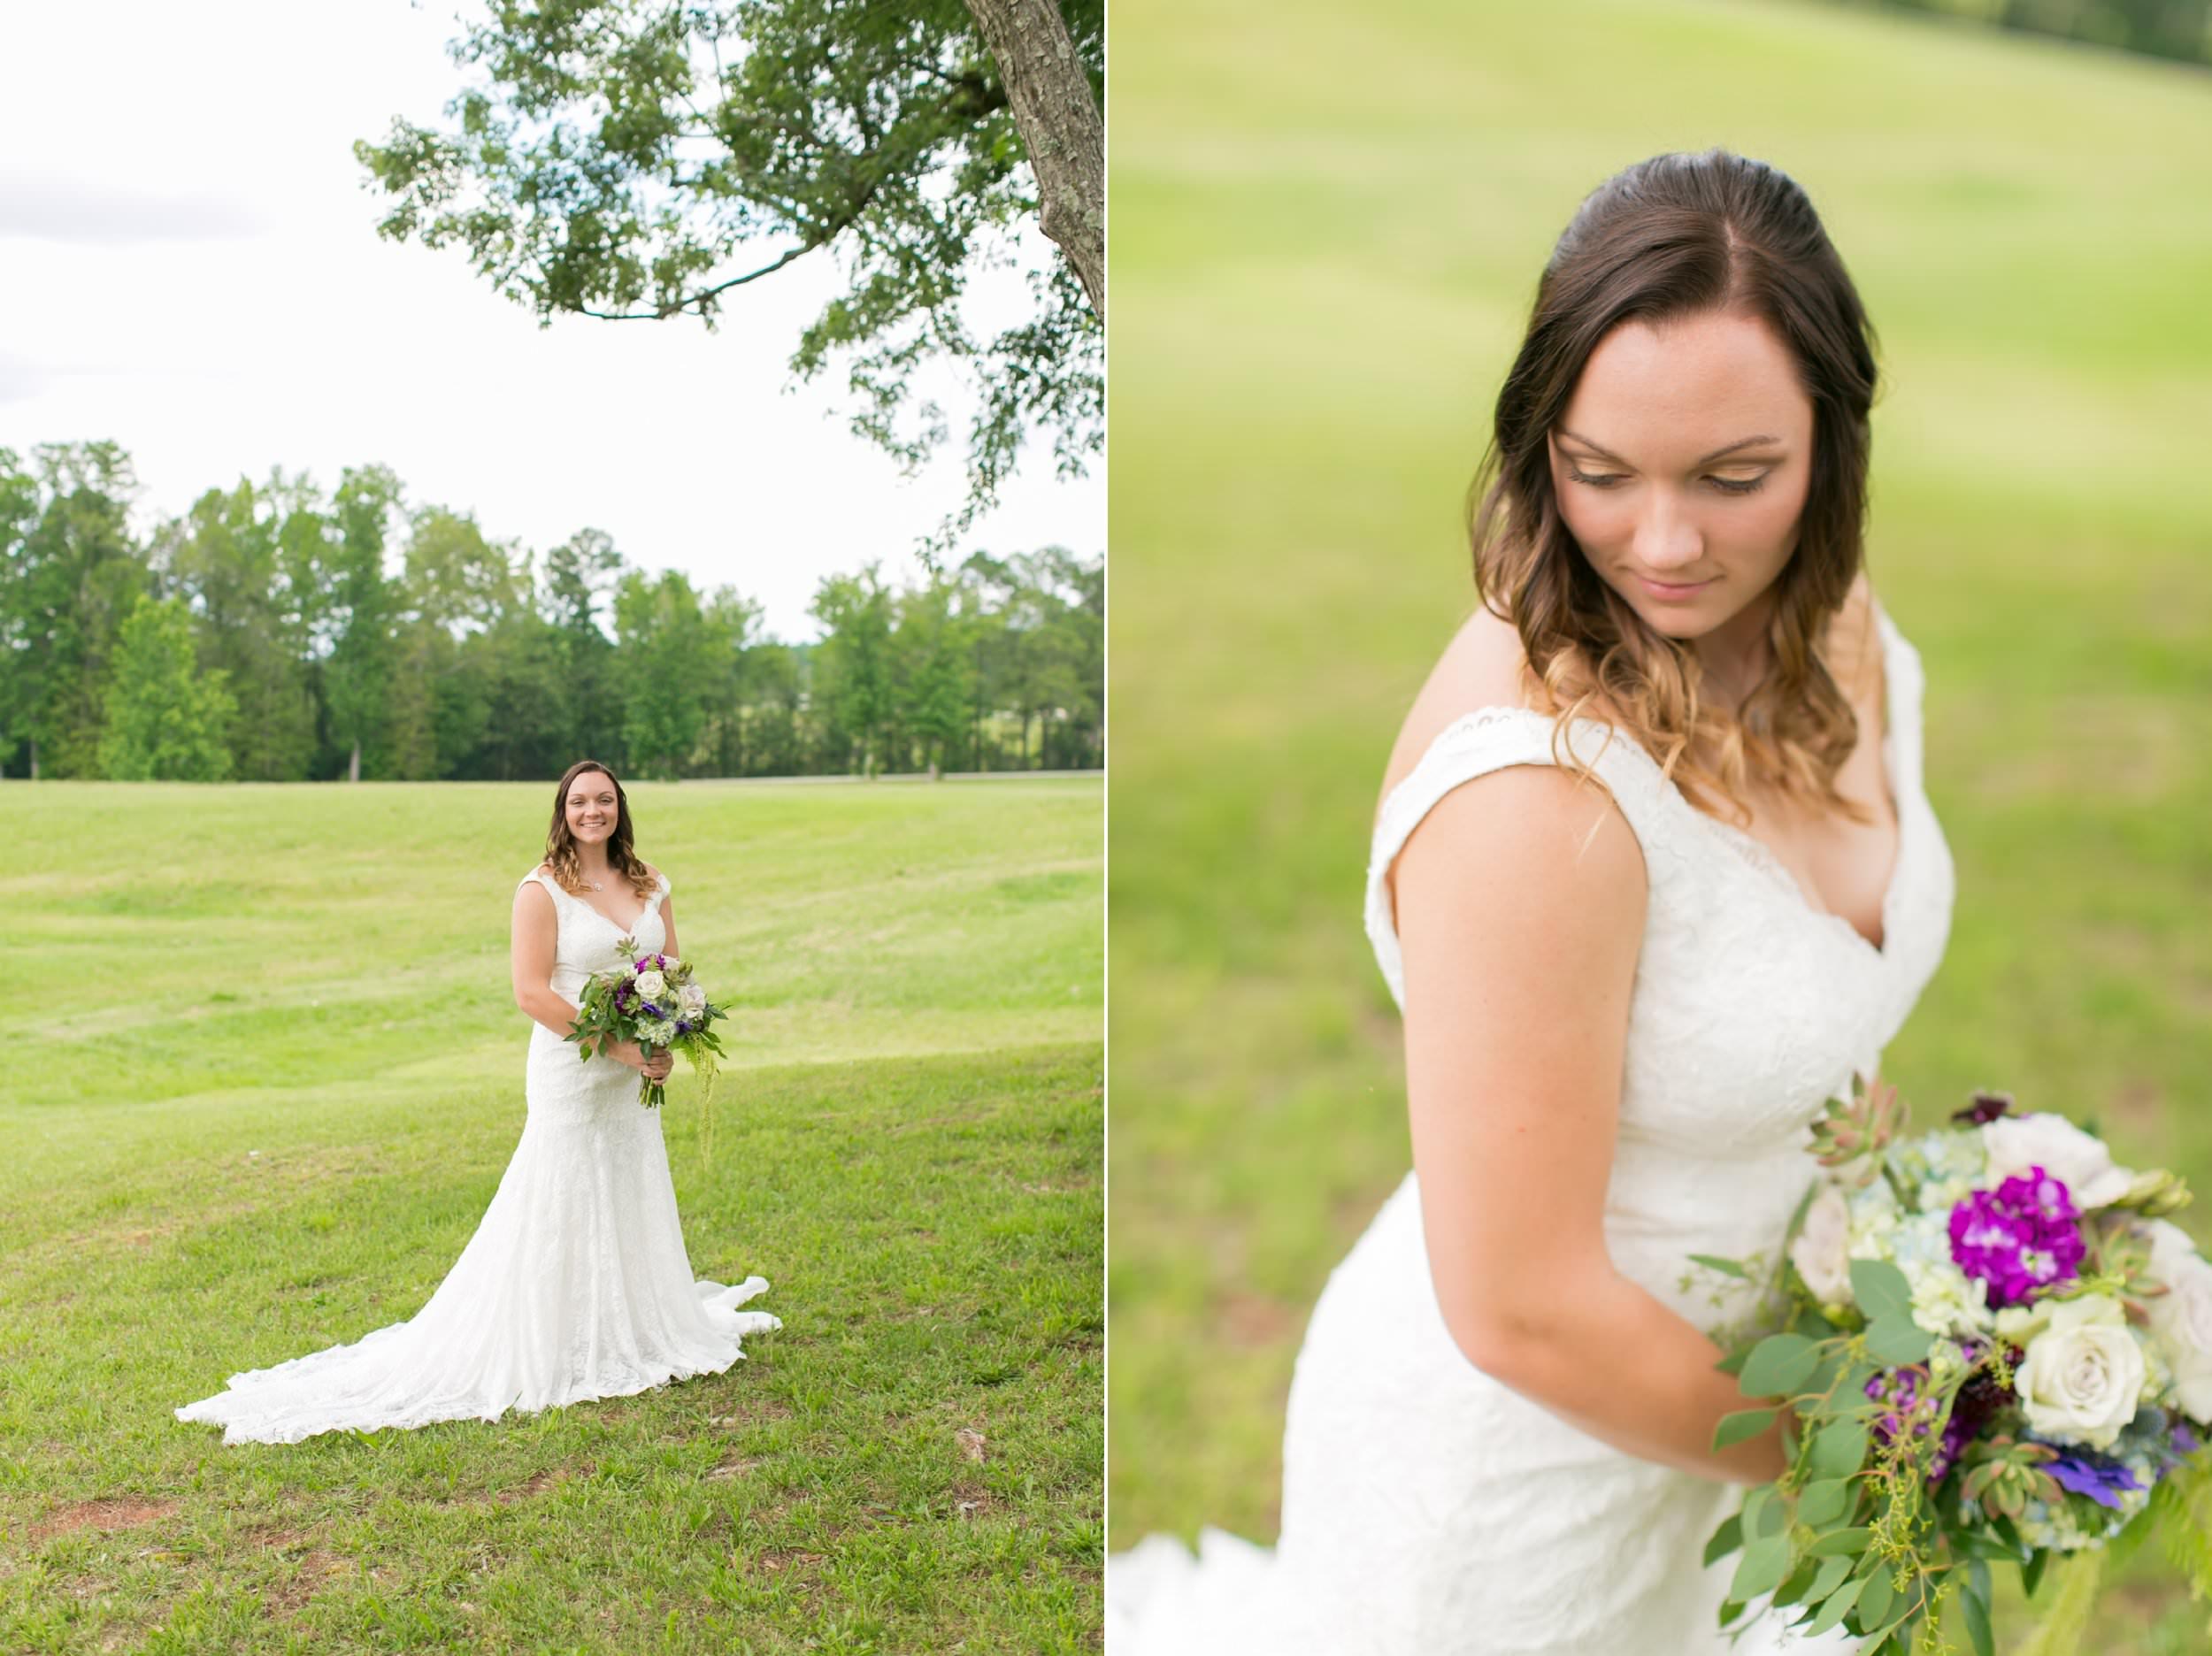 Abby-Manor-Events-Wedding-Photos02.jpg